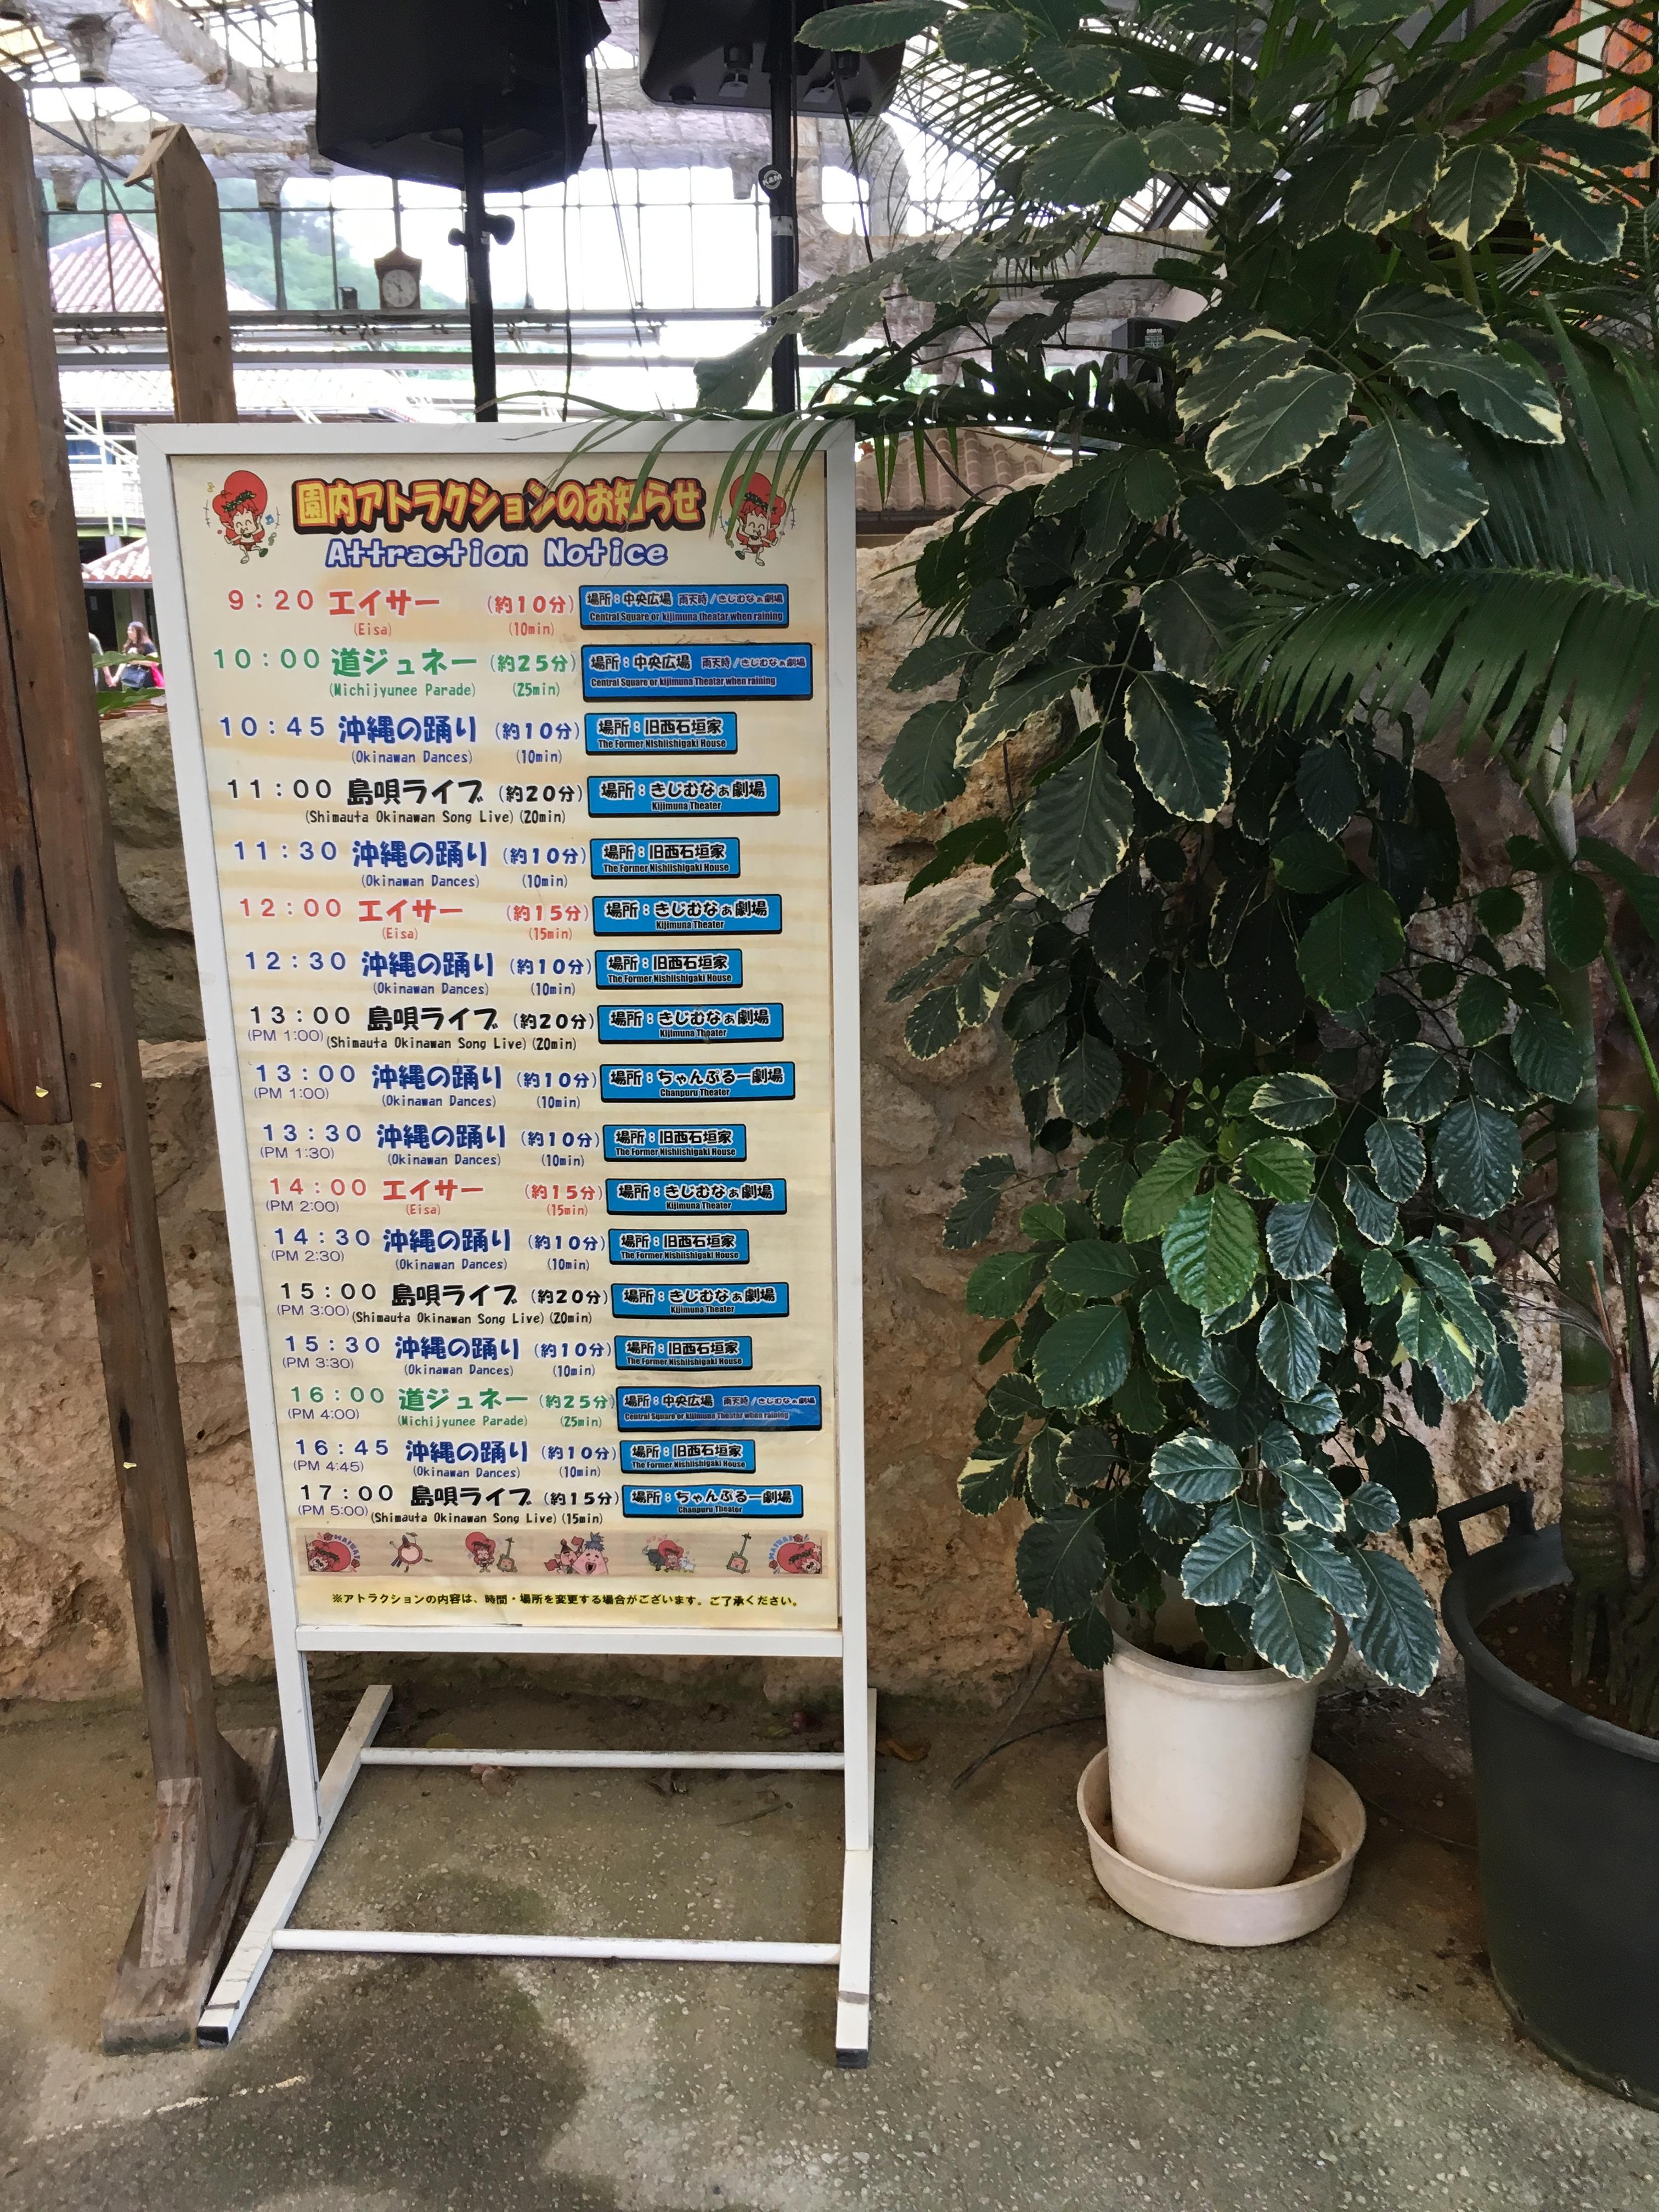 琉球村アトラクションのお知らせ